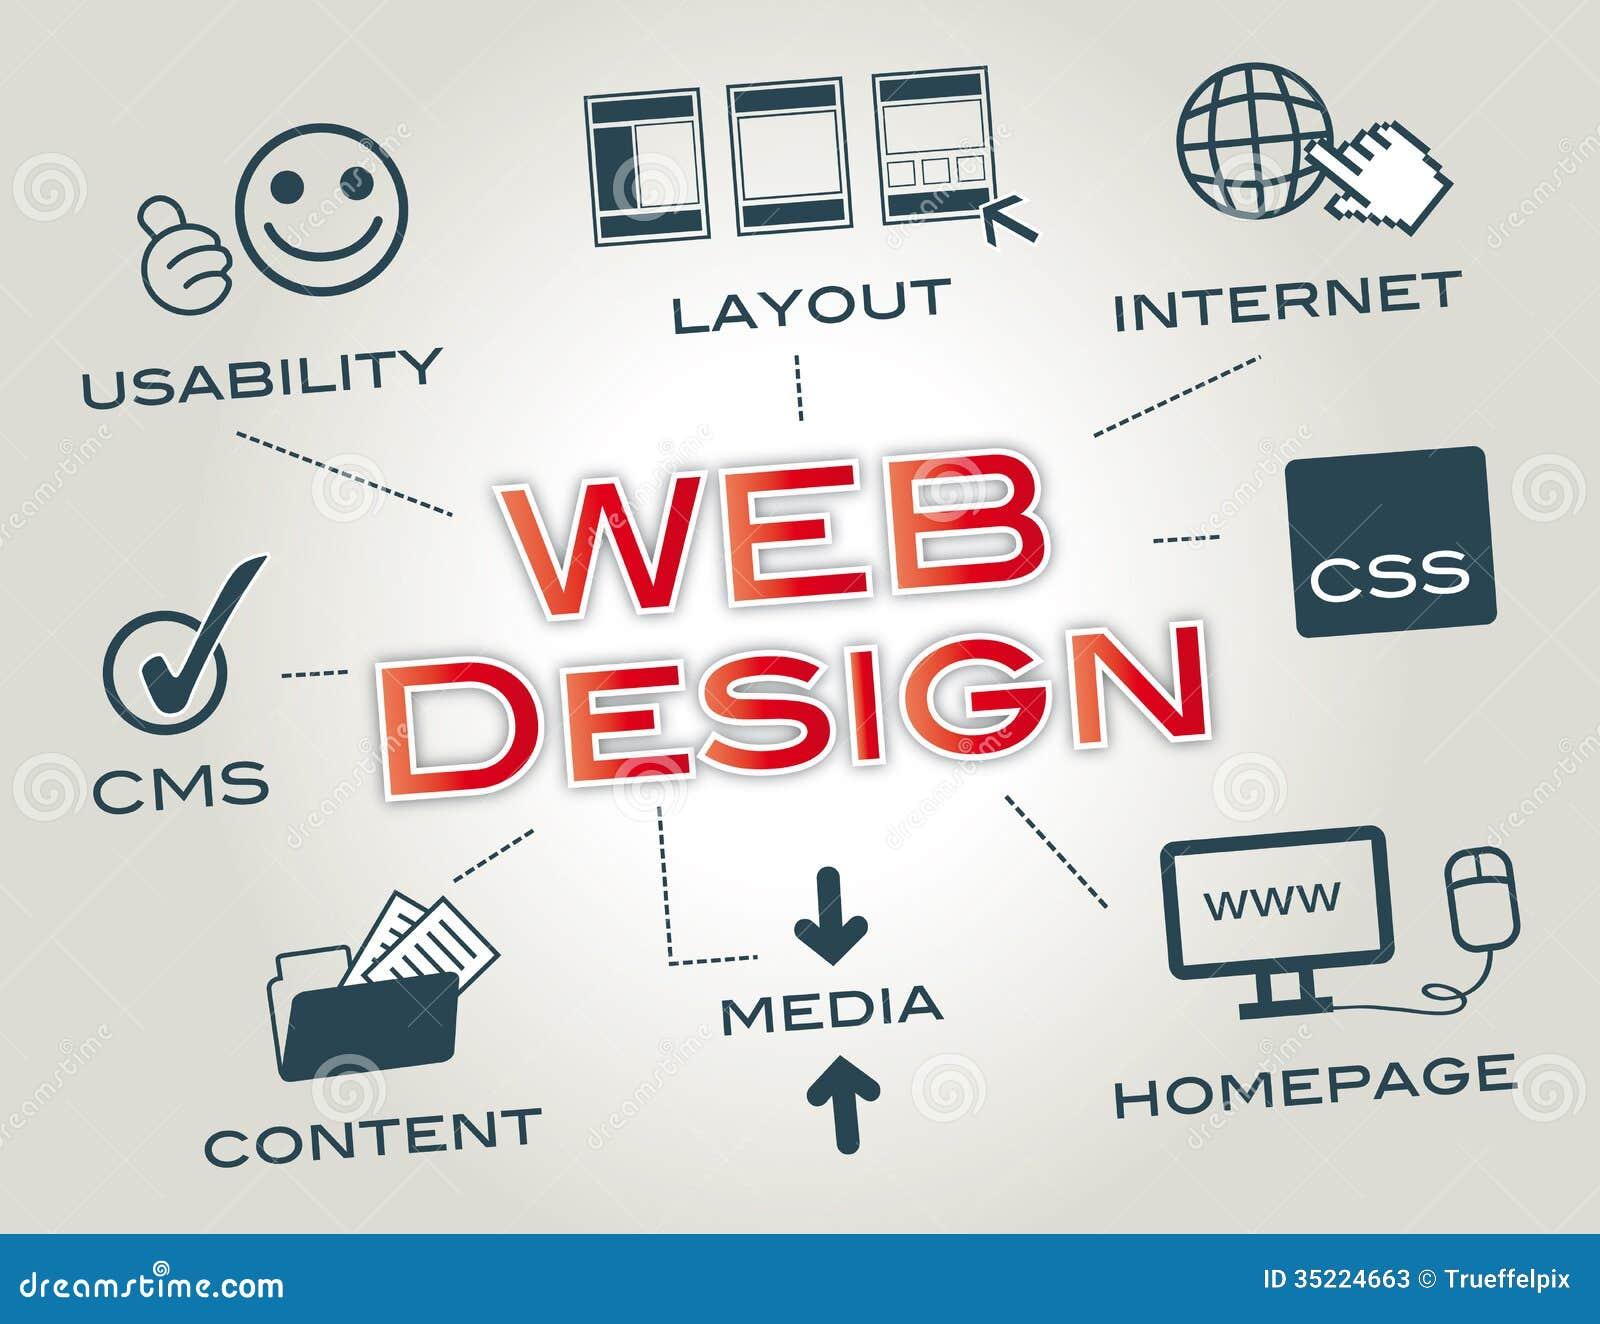 Webdesign, Layout, Website Stock Photos - Image: 35224663